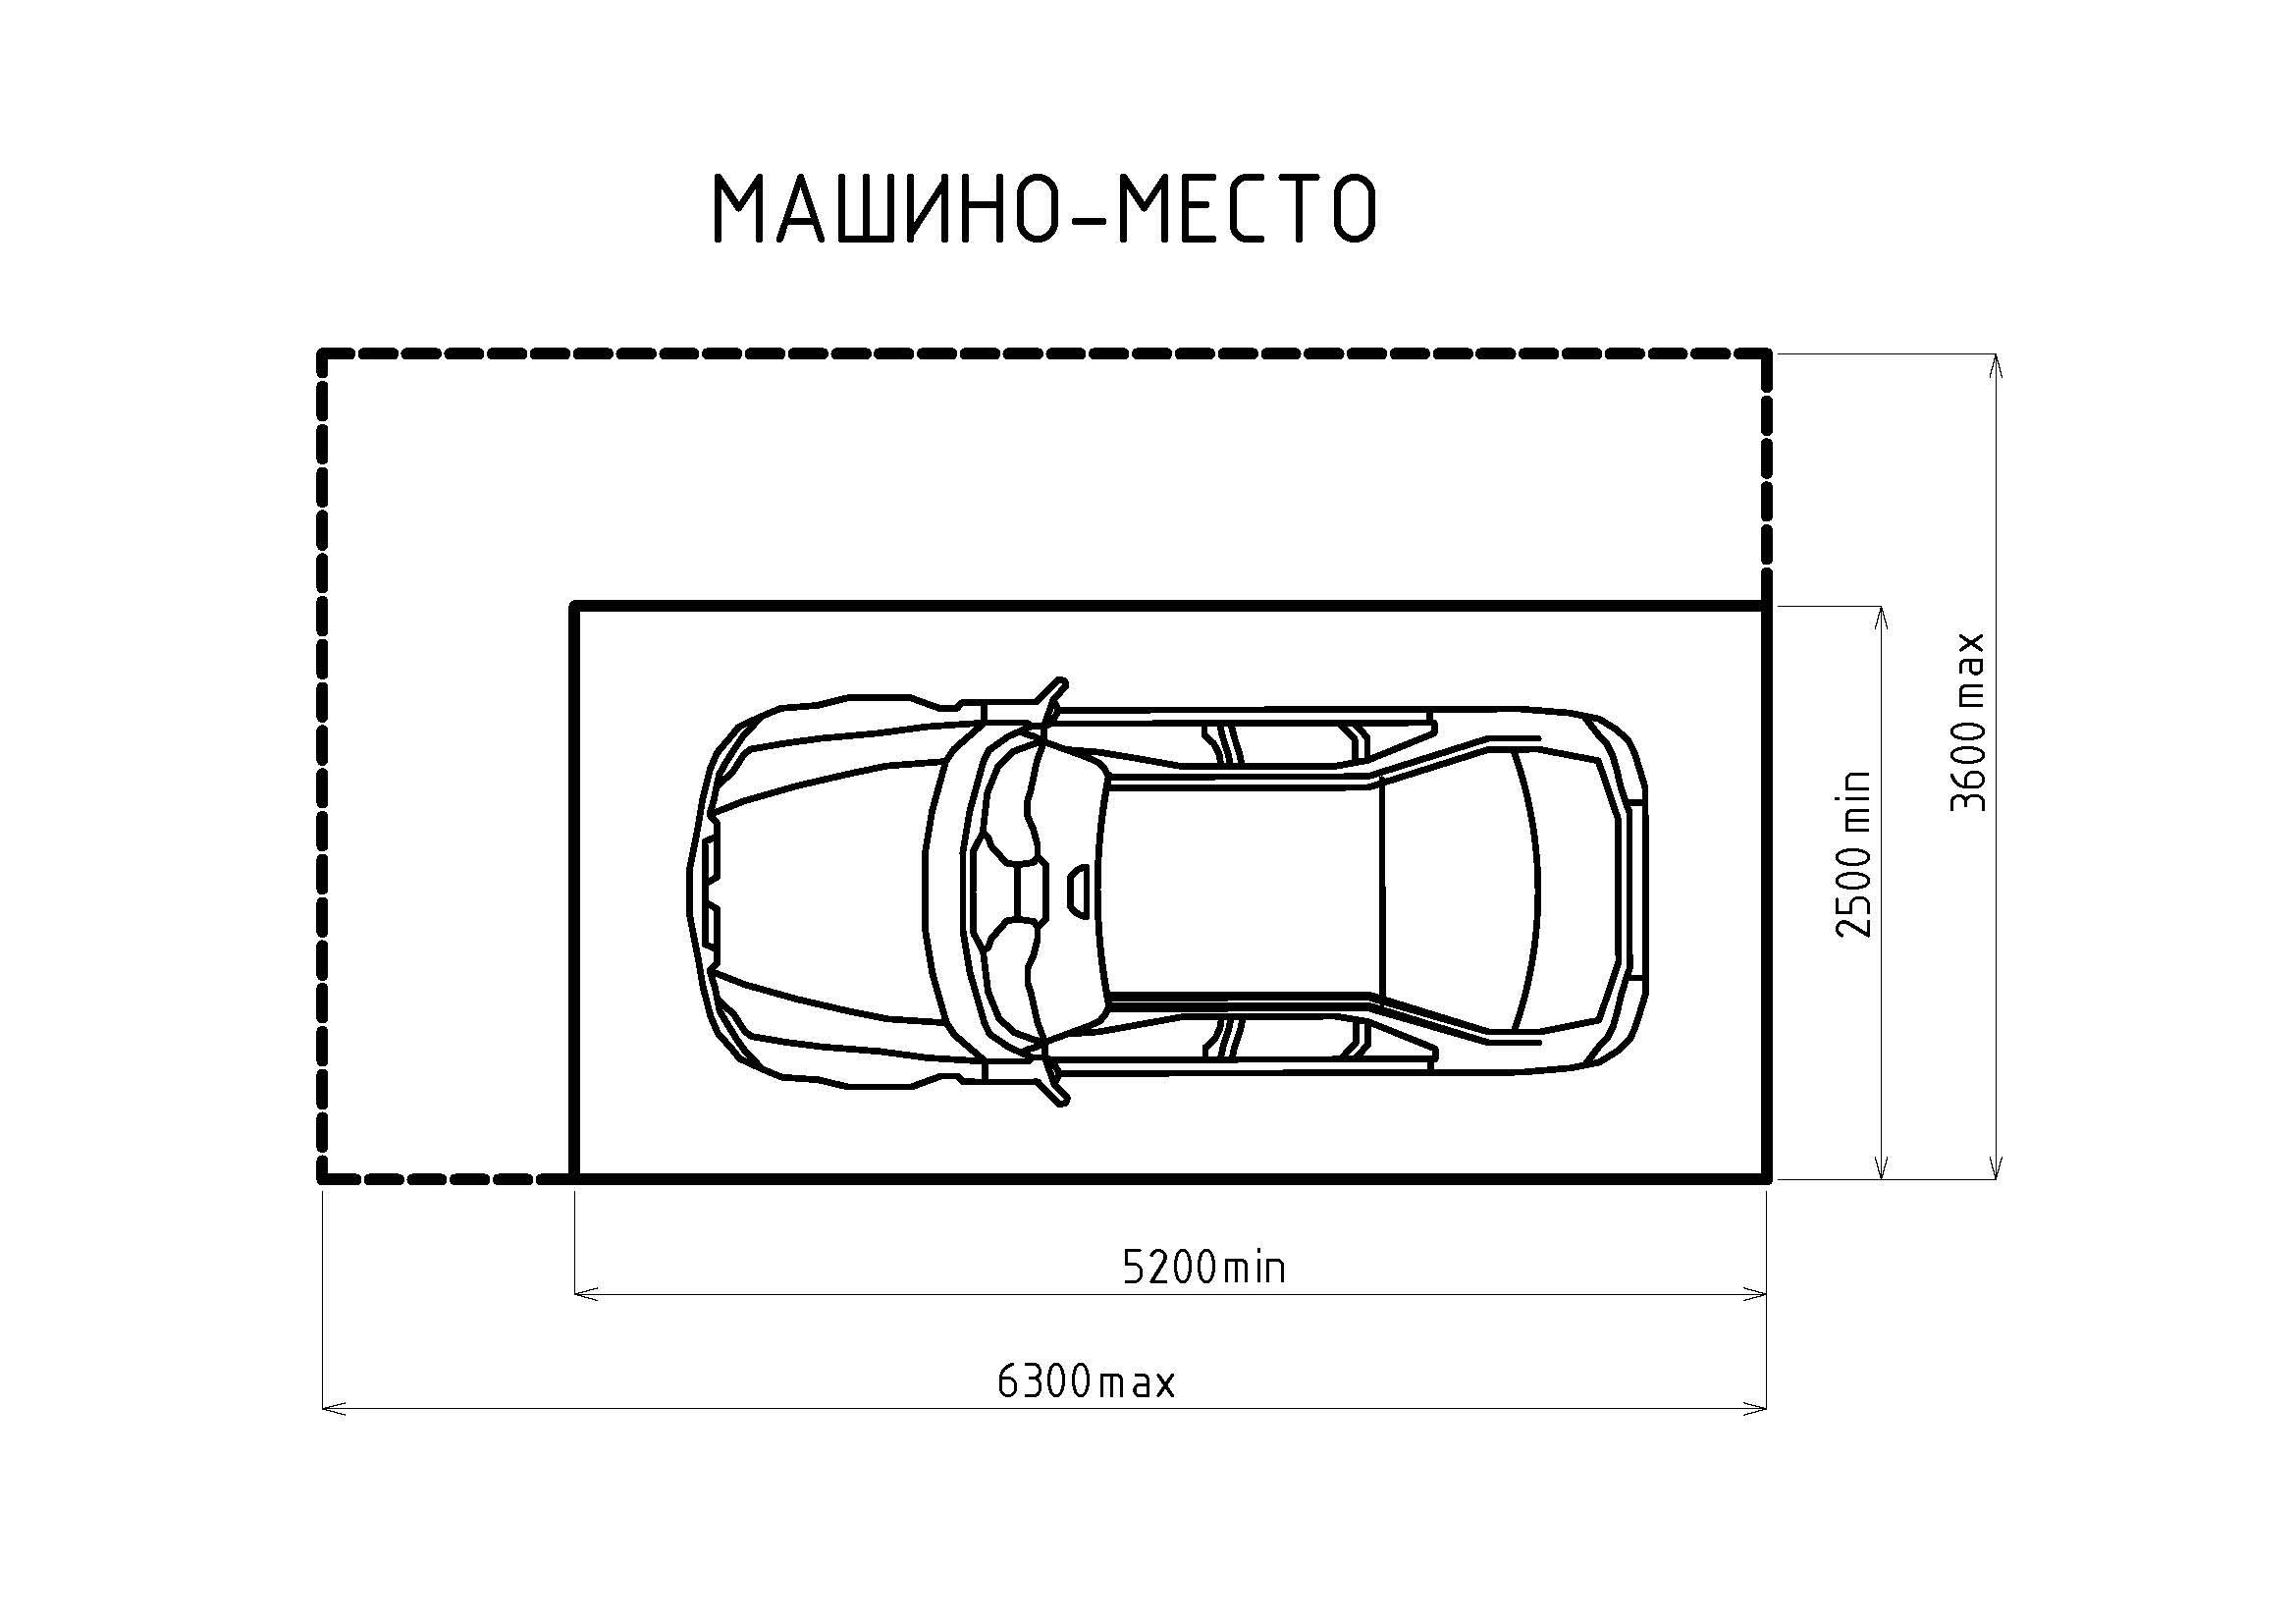 Как правильно заполнить путевой лист на машину